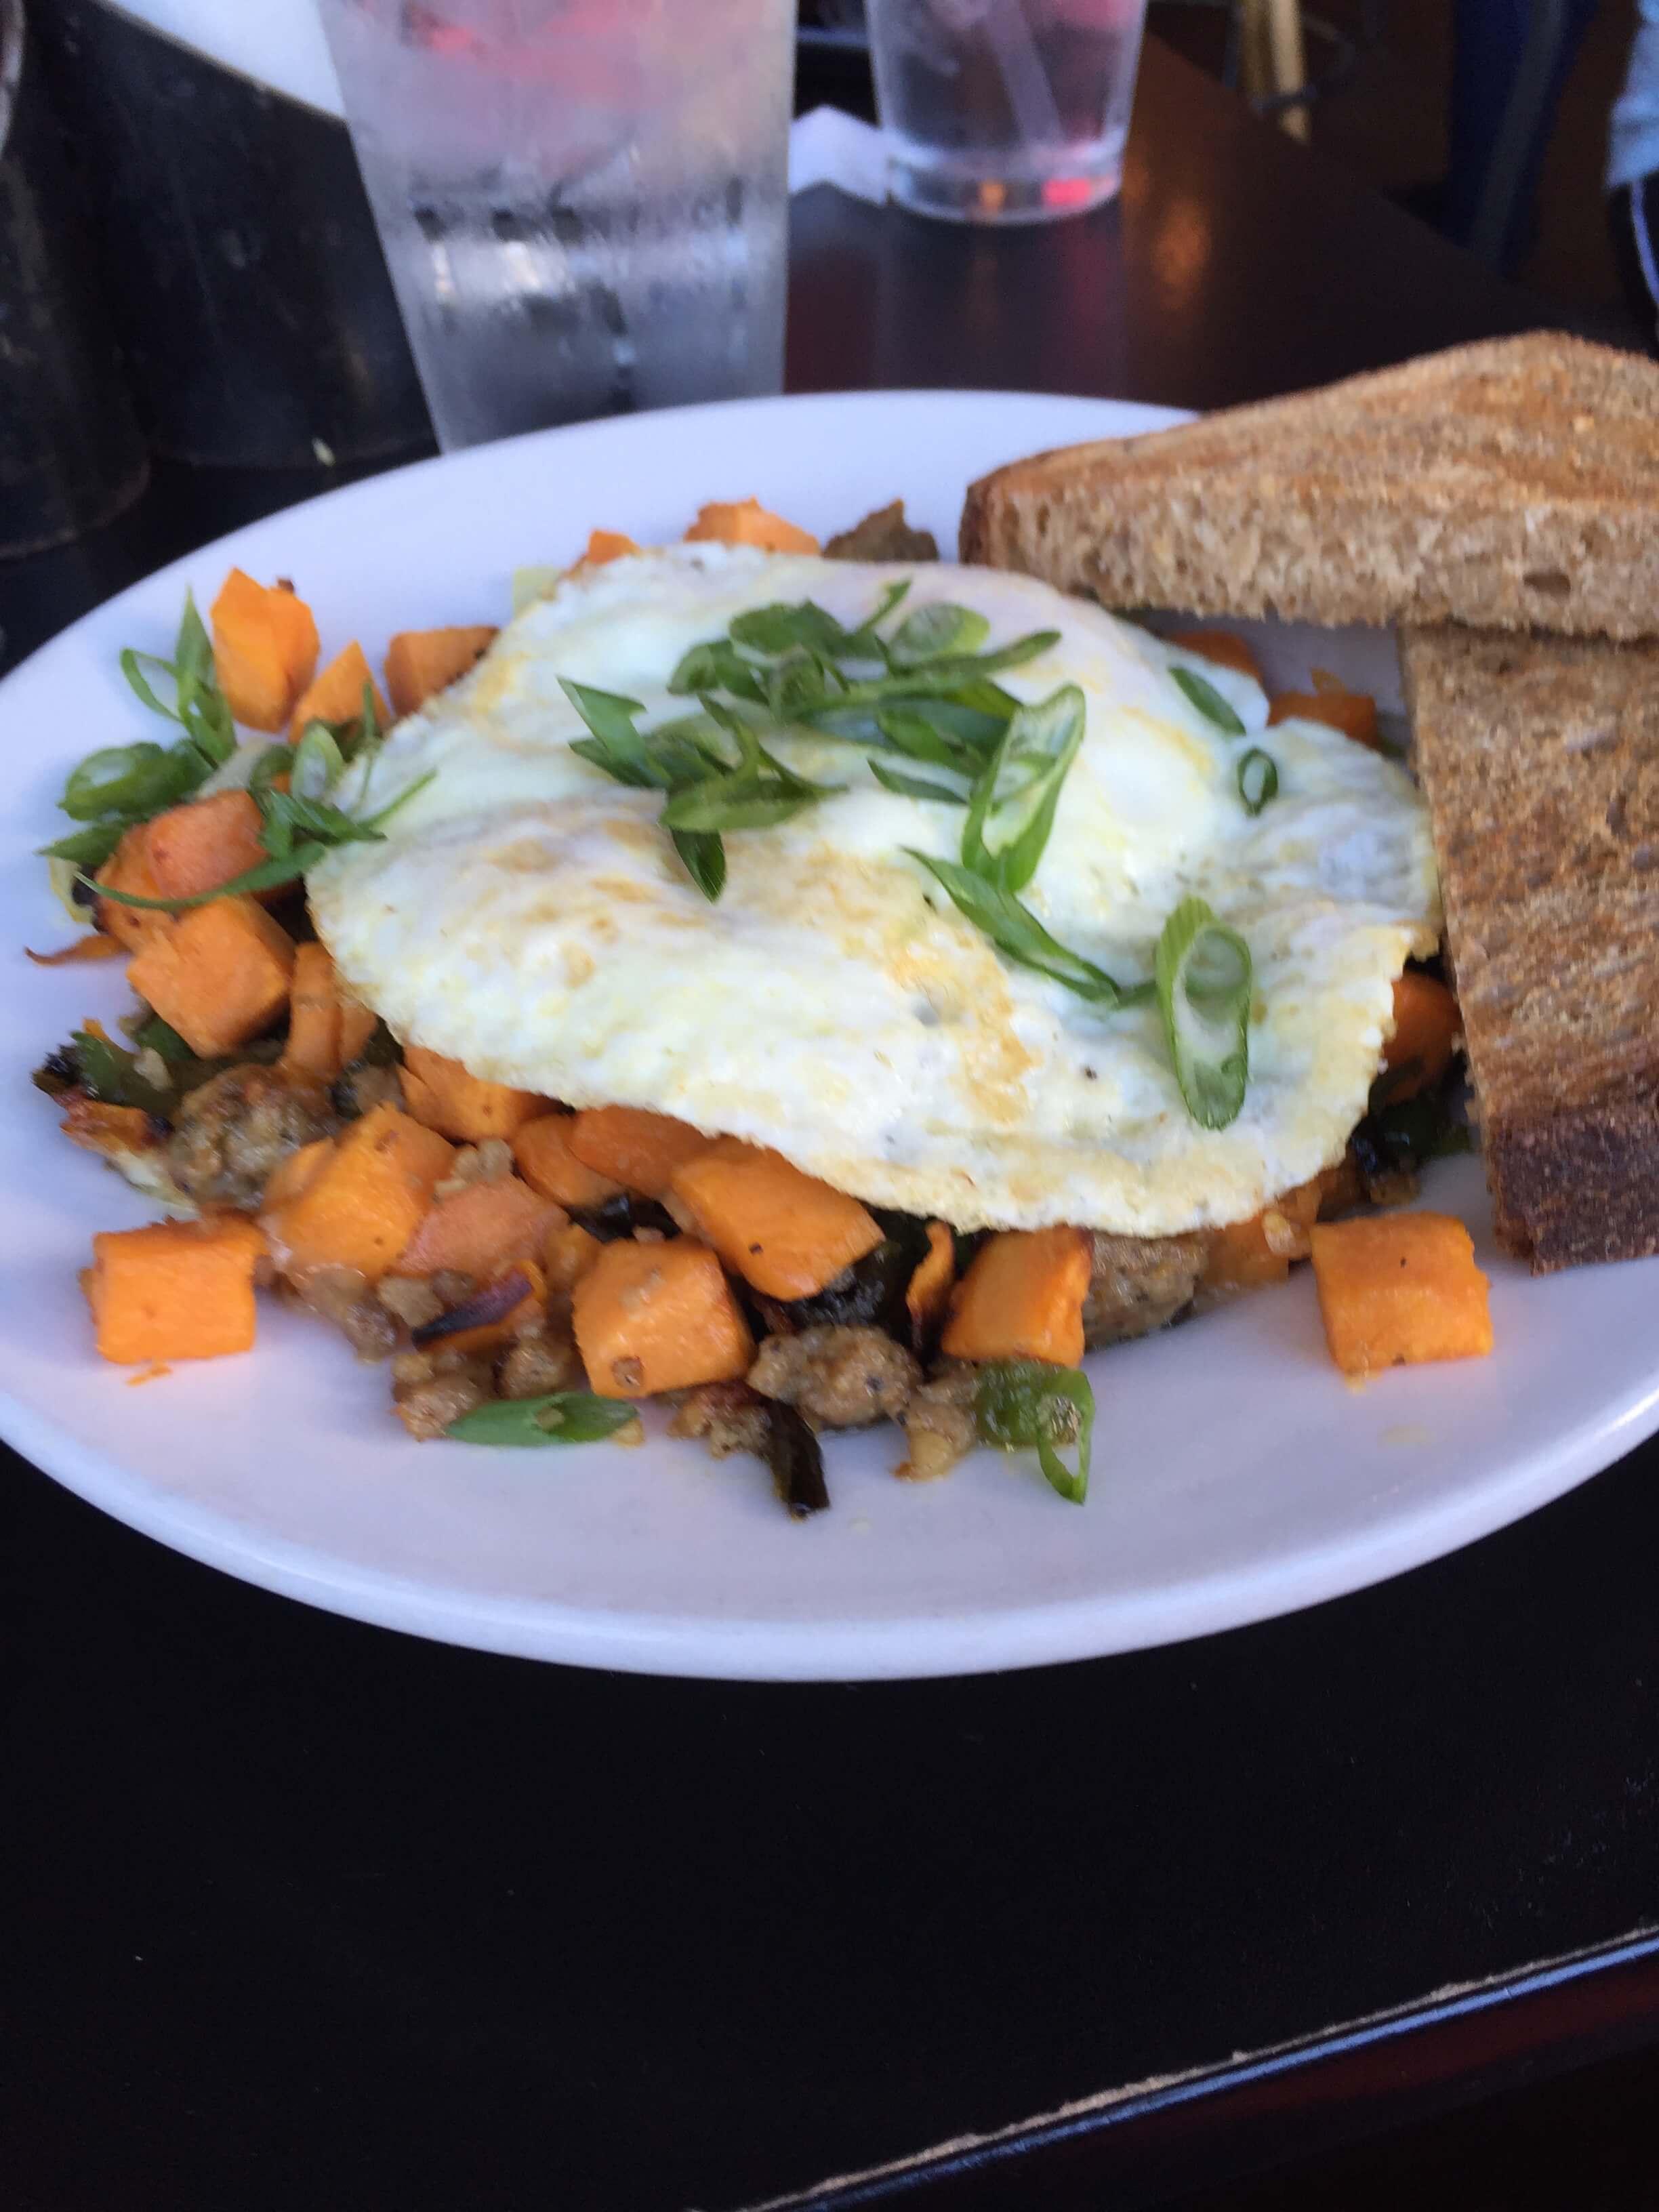 Best breakfast meal in Austin